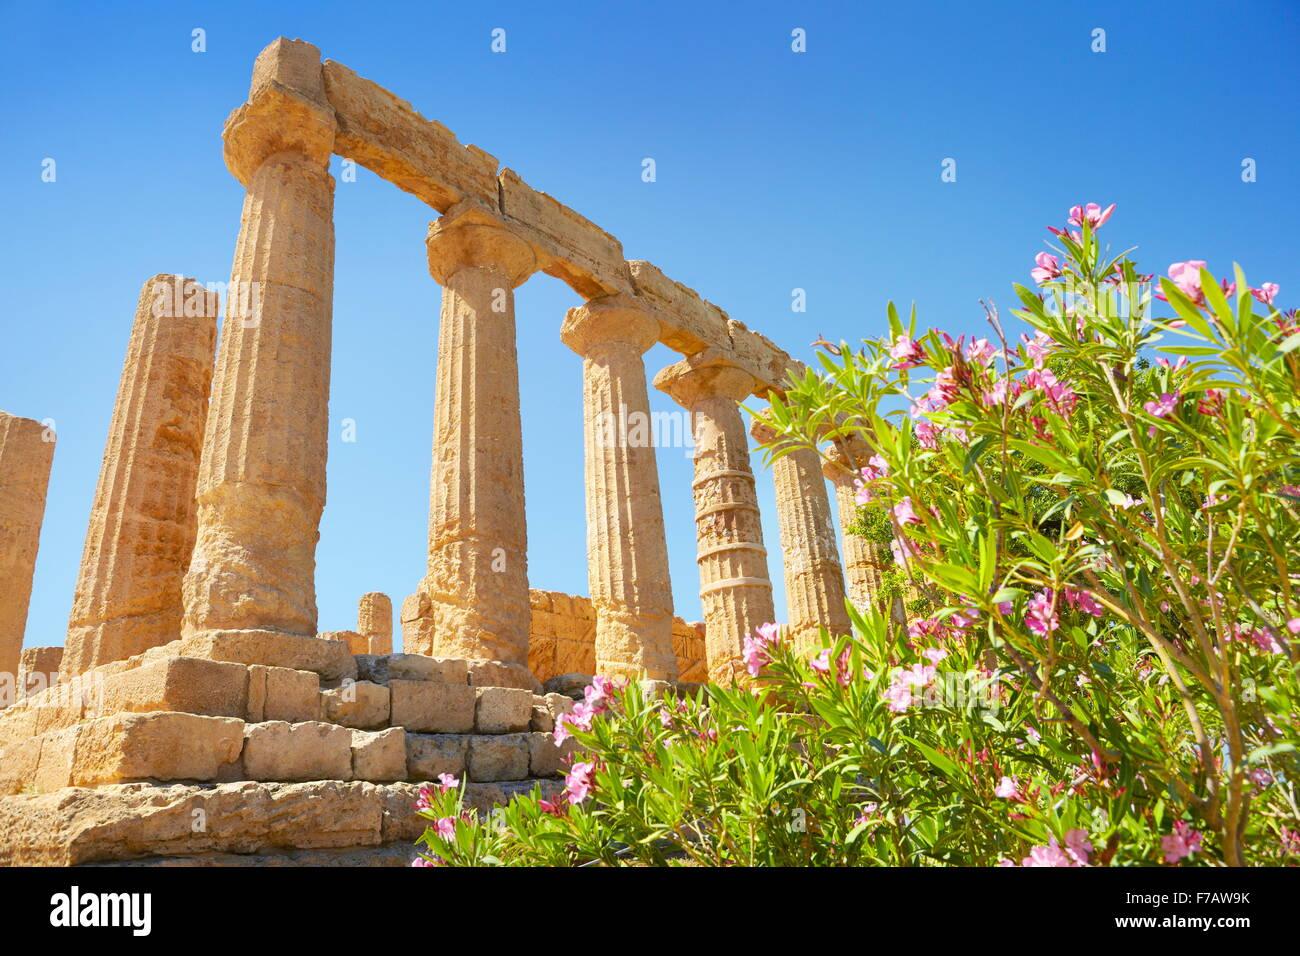 Templo de Hera en el Valle de los templos (Valle dei Templi, Agrigento, Sicilia, Italia LA UNESCO Imagen De Stock